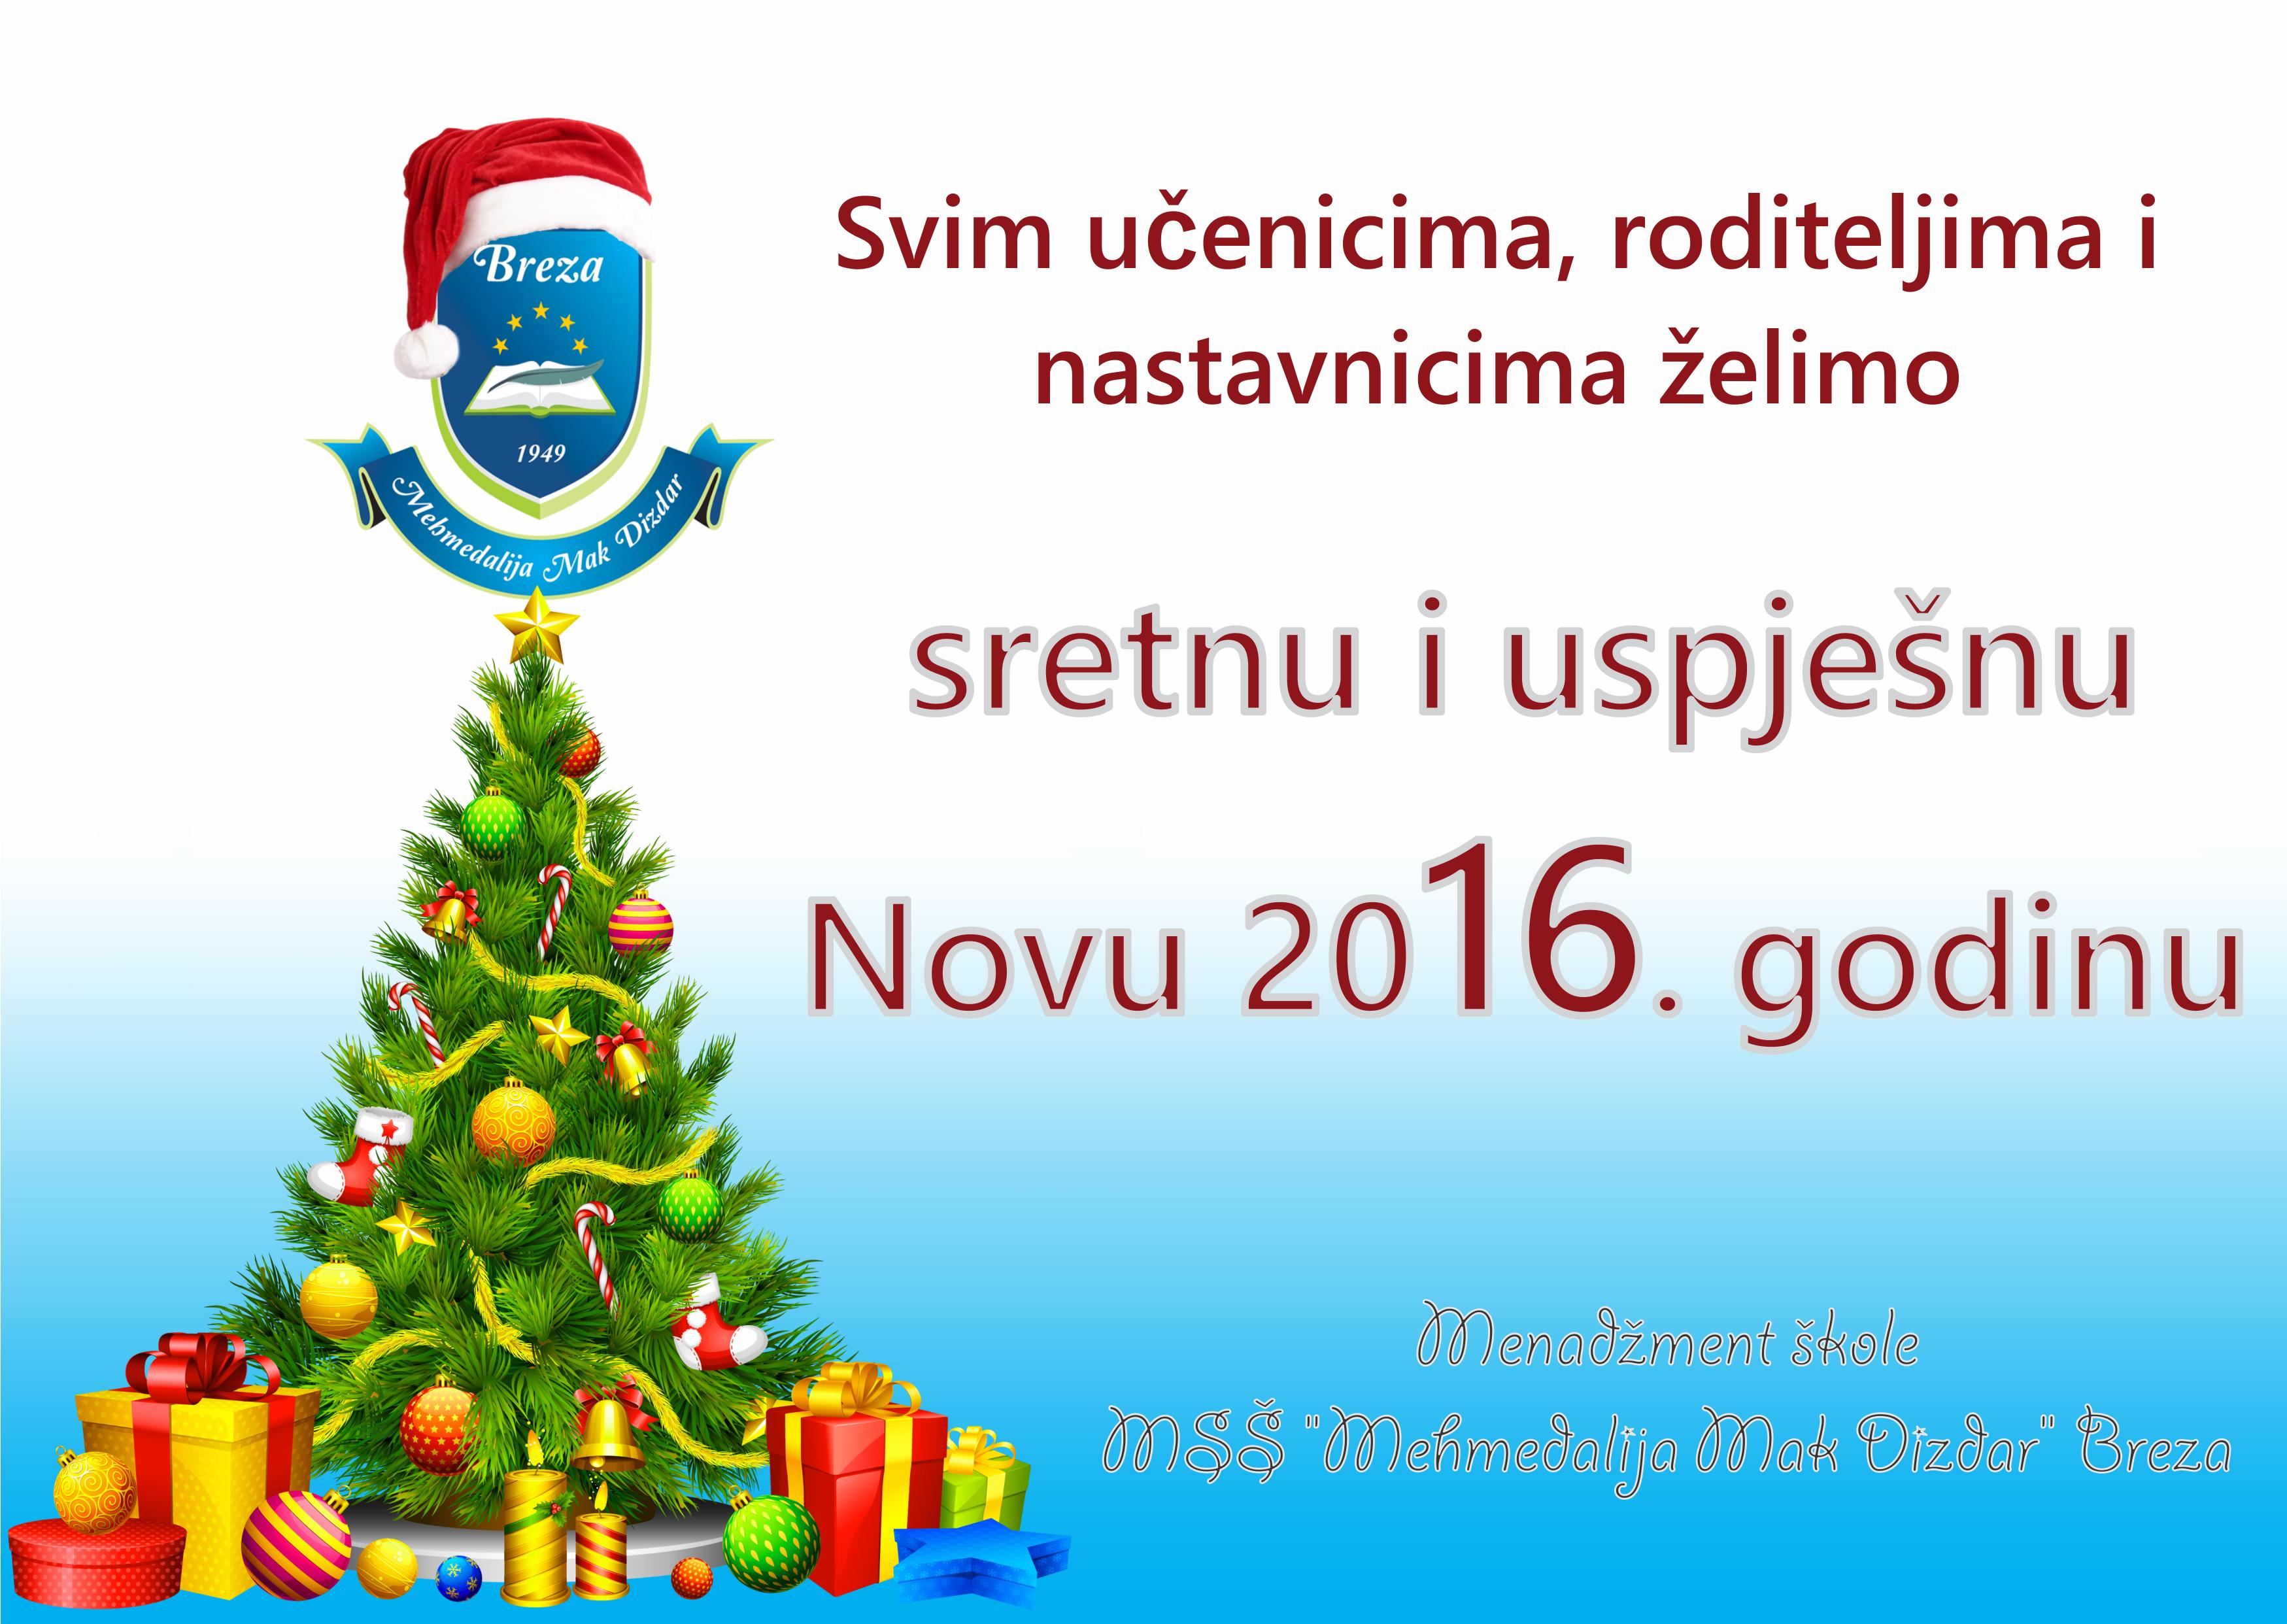 Cestitka za Novu godinu 2016